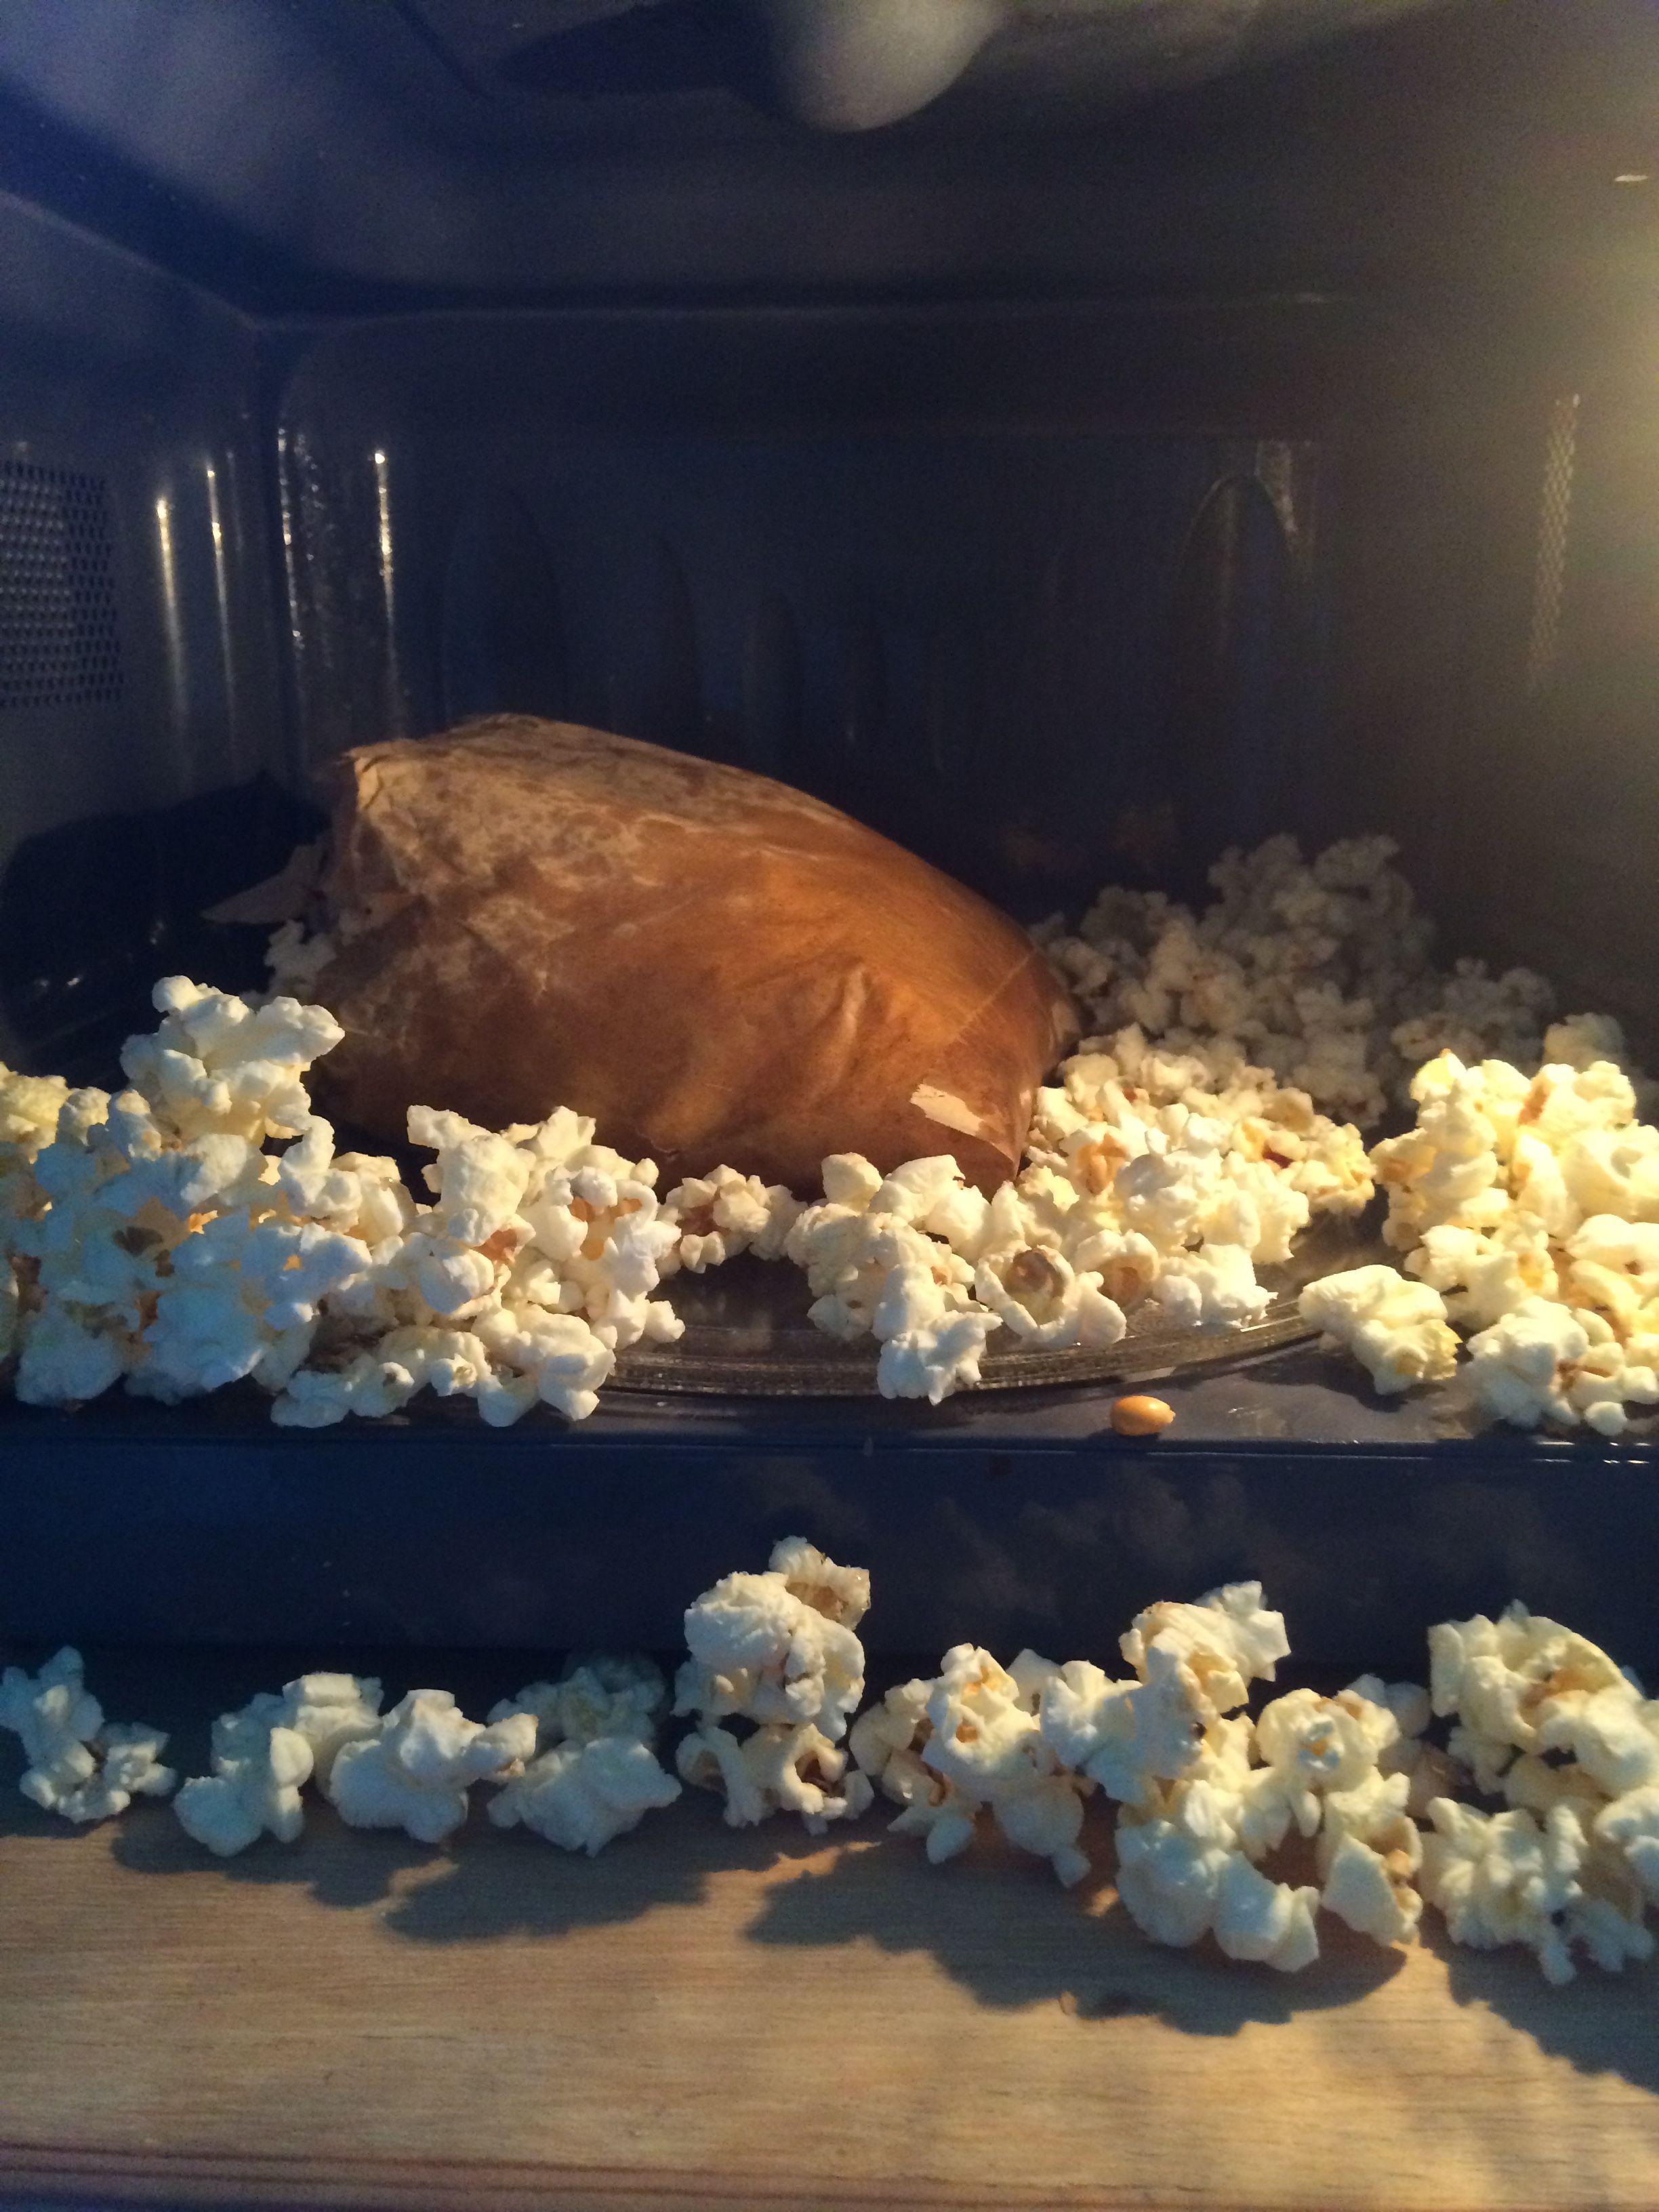 Microwave popcorn in a bag seemed a good idea...